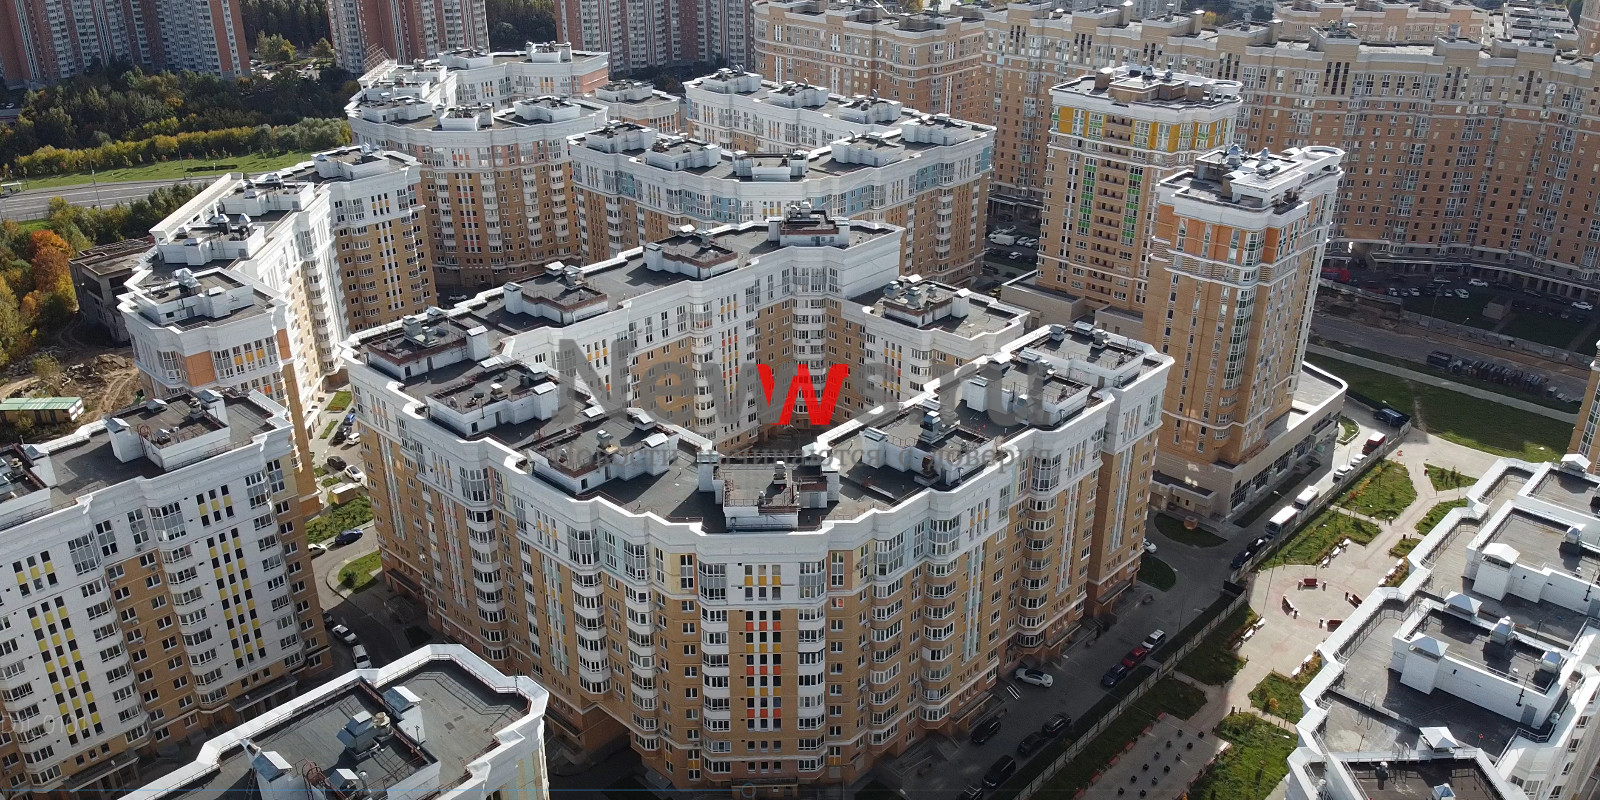 Дольщикам II очереди проблемного объекта на 6-ой Радиальной улице: на корпусах № 23 и № 24 началась установка оконных блоков